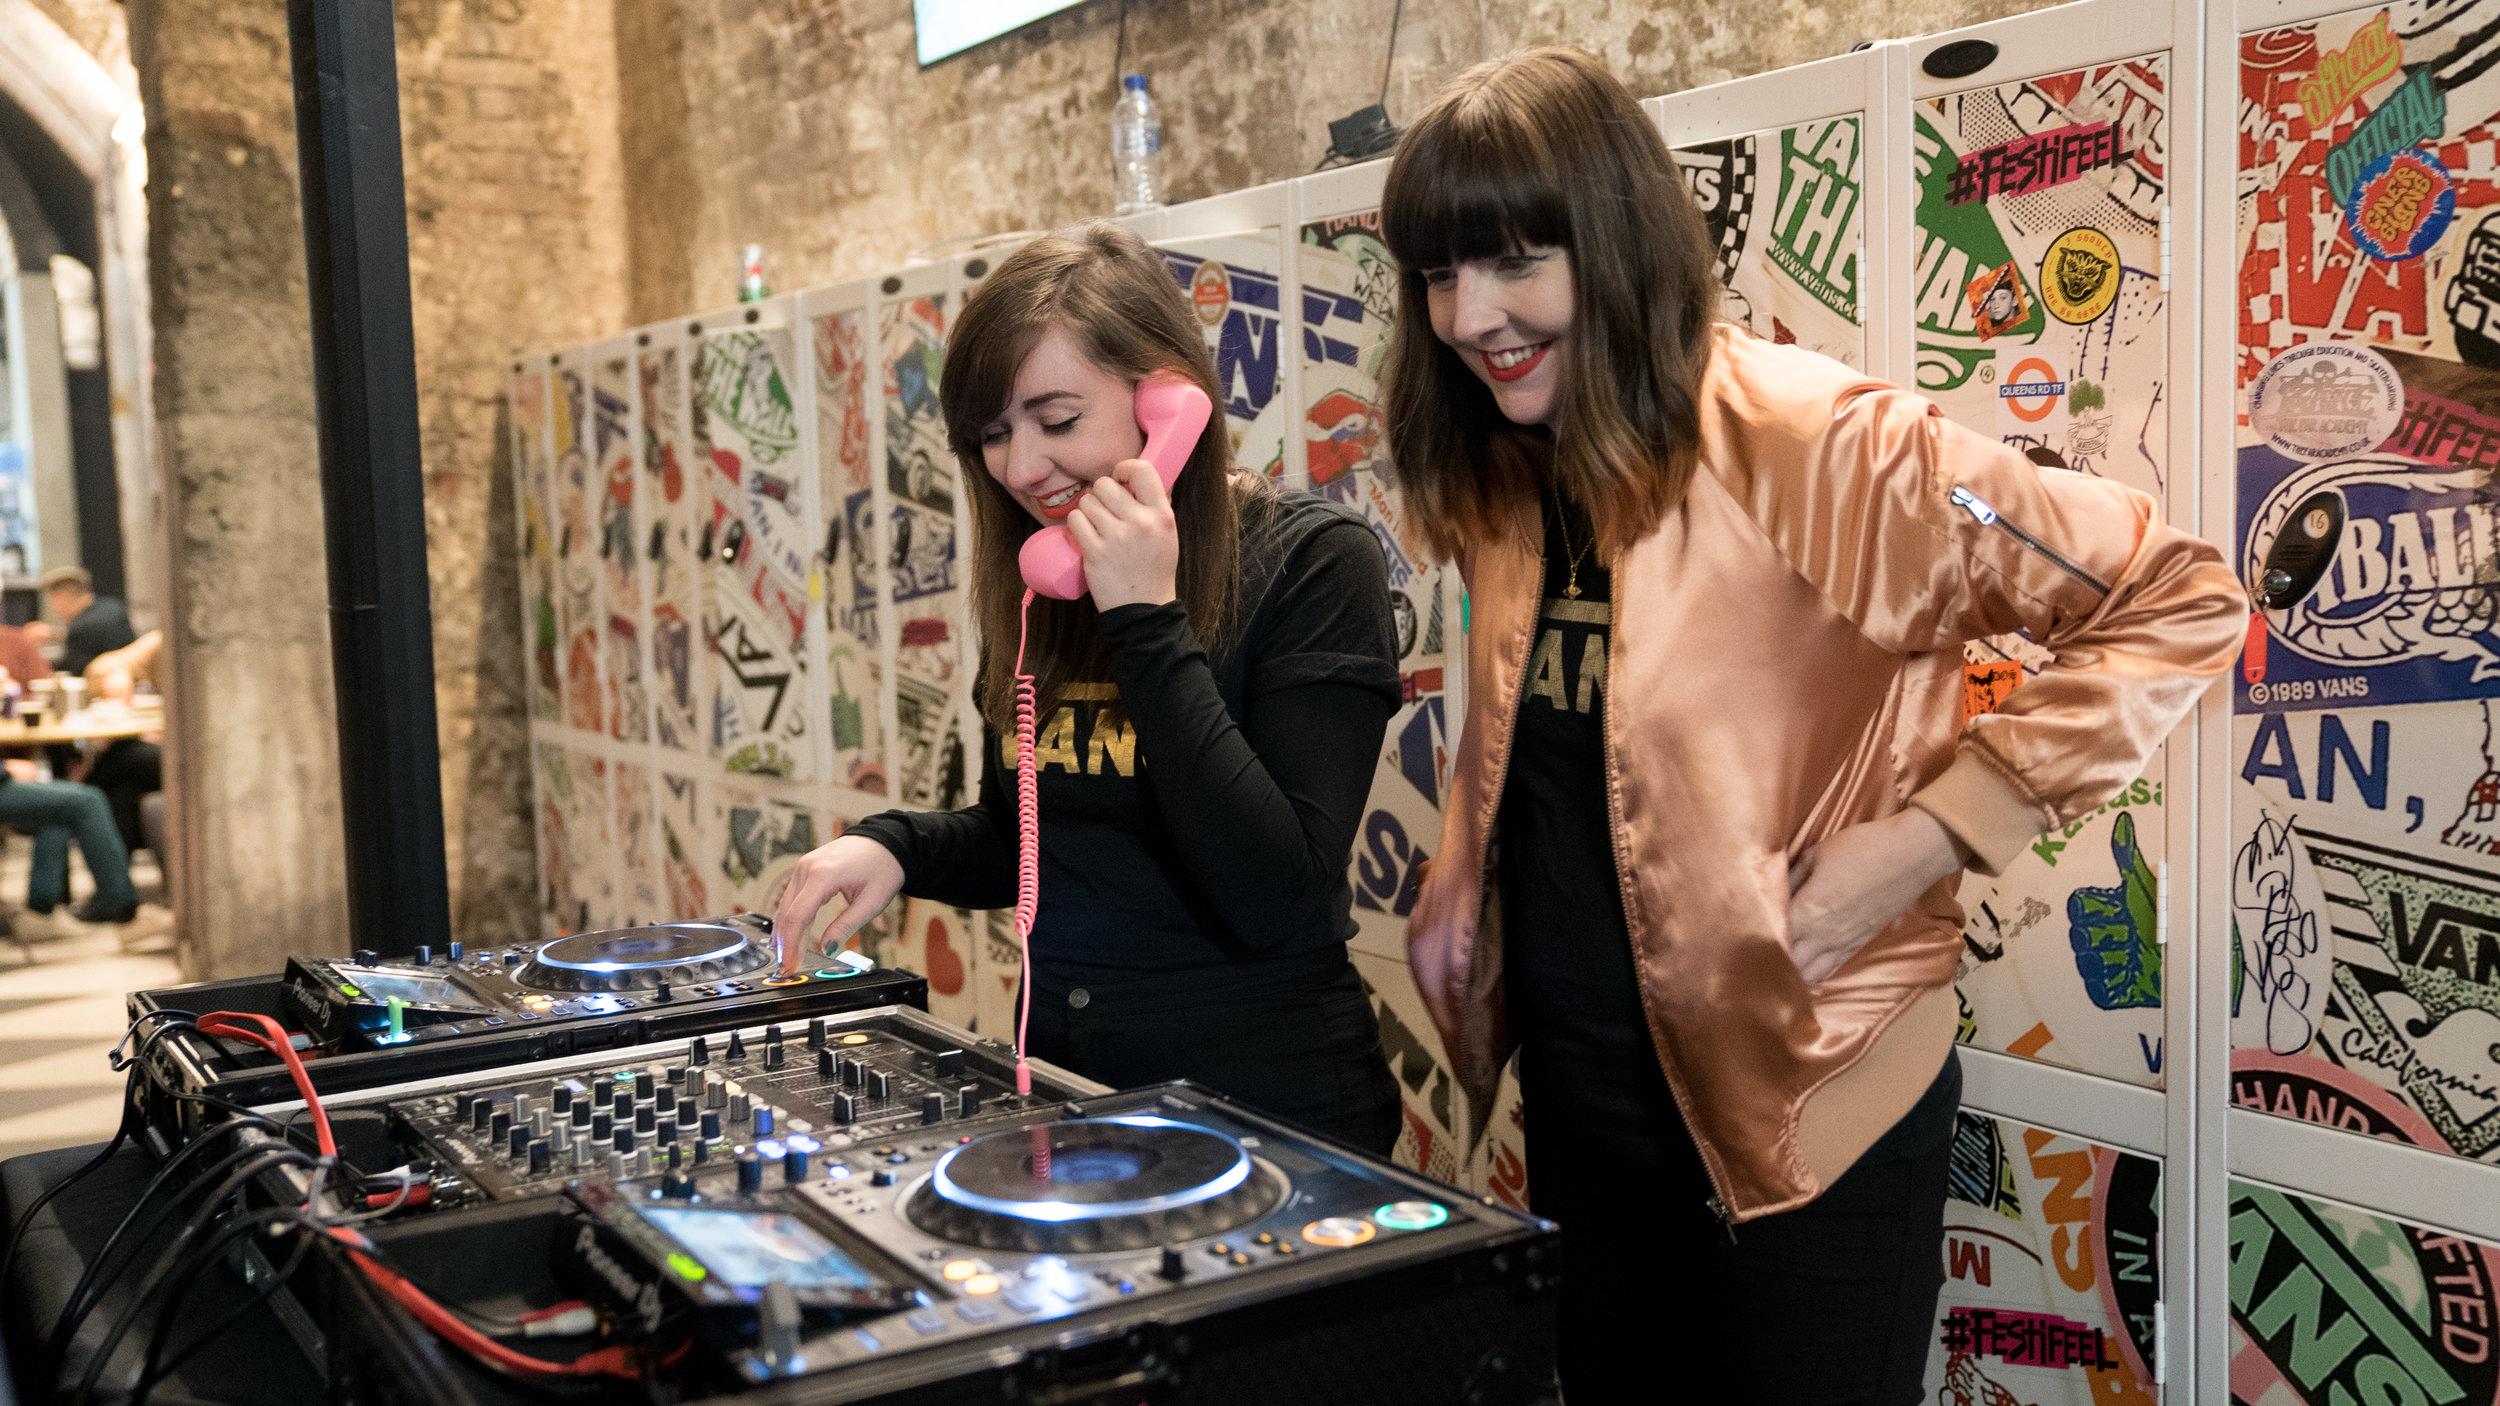 GRLS TLK DJS